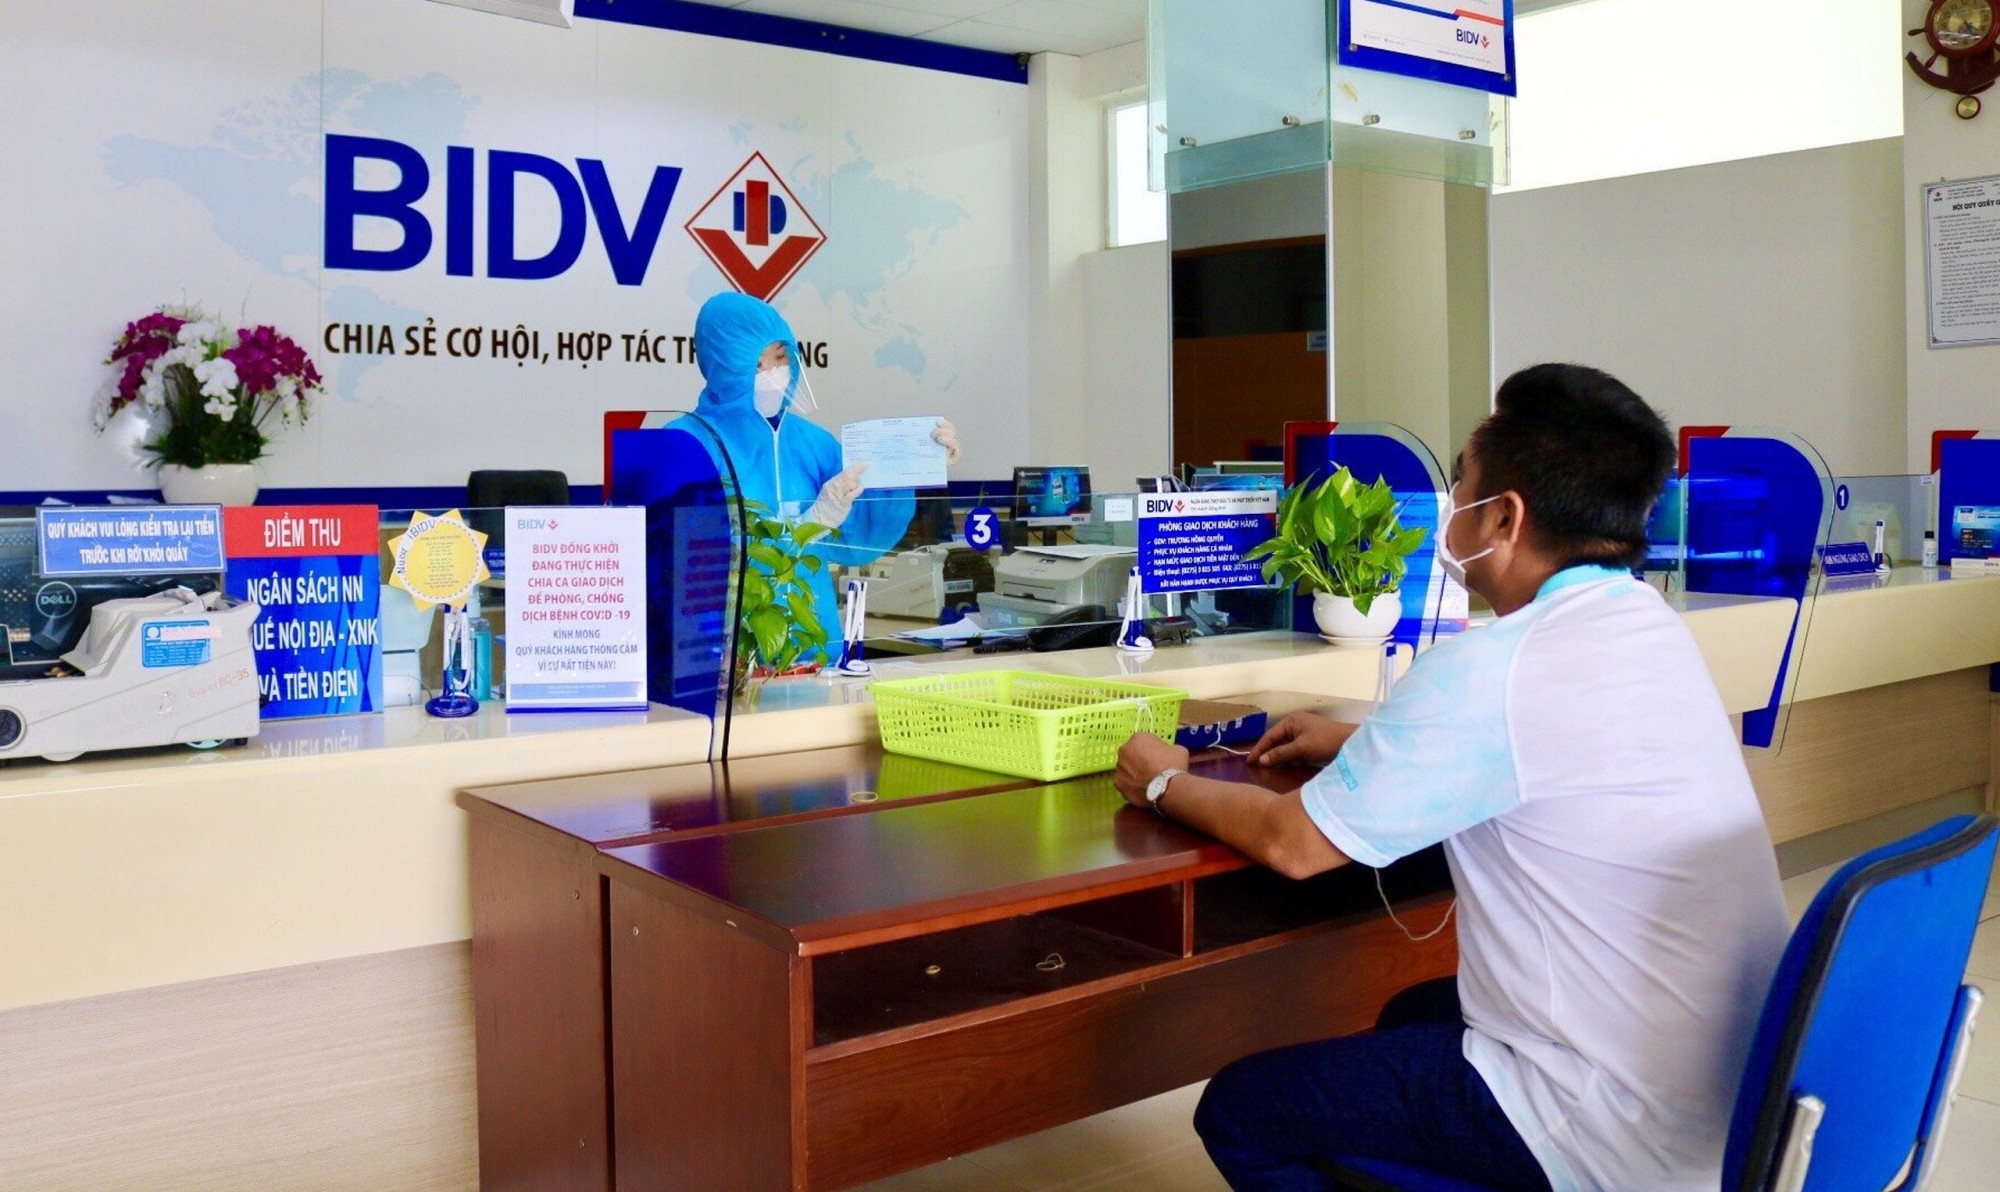 BIDV luôn tiên phong trong các hoạt động hỗ trợ khách hàng và cộng đồng